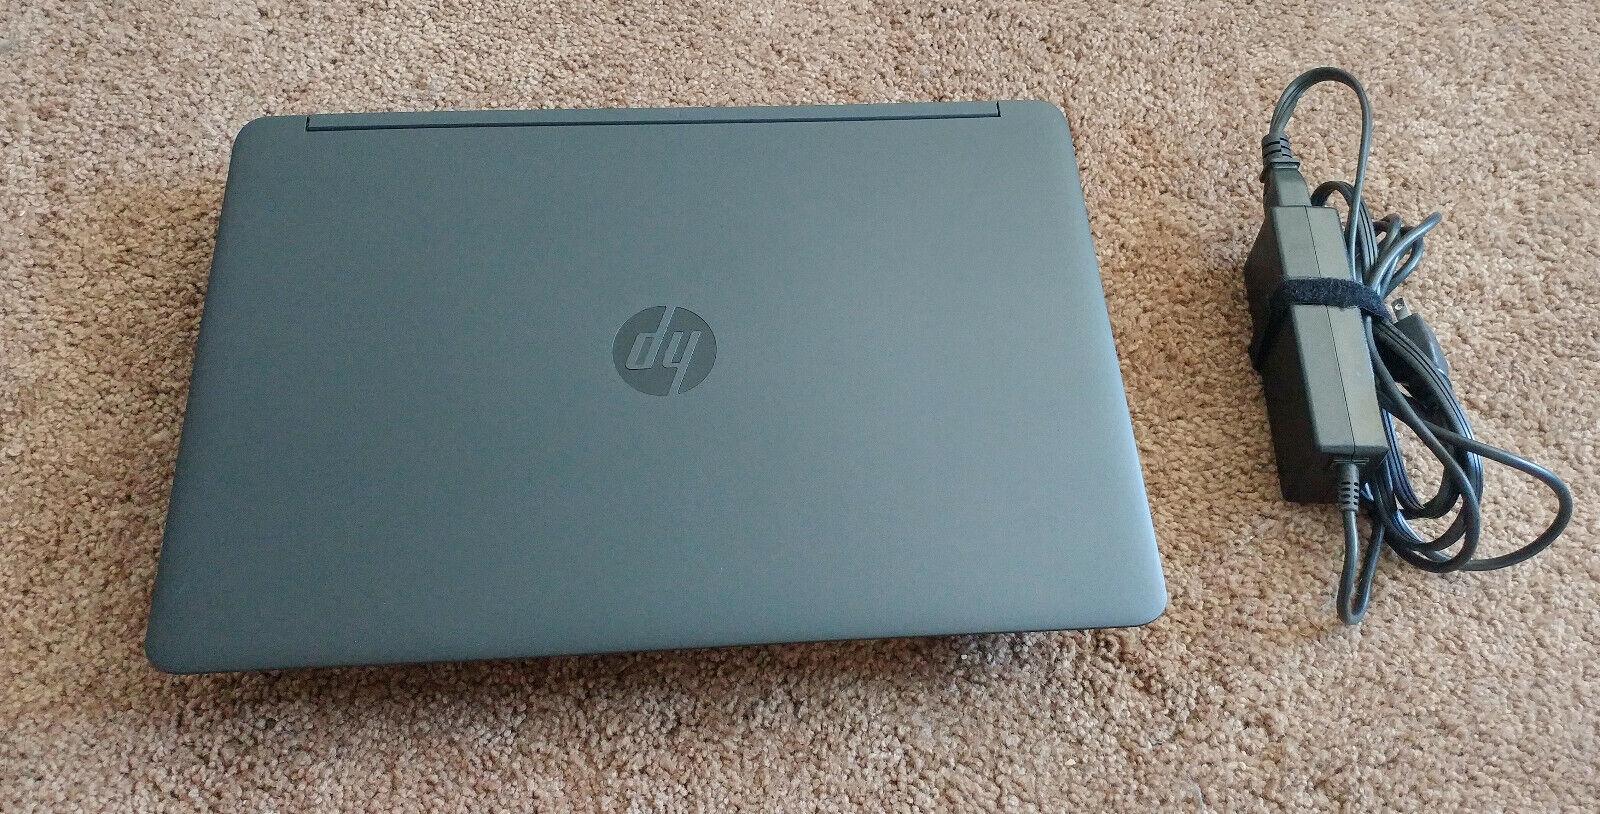 Laptop Windows - HP PROBOOK 650 G1 Laptop I5-4200M 2.50GHZ | 750GB | 8GB RAM | Windows 10 Pro